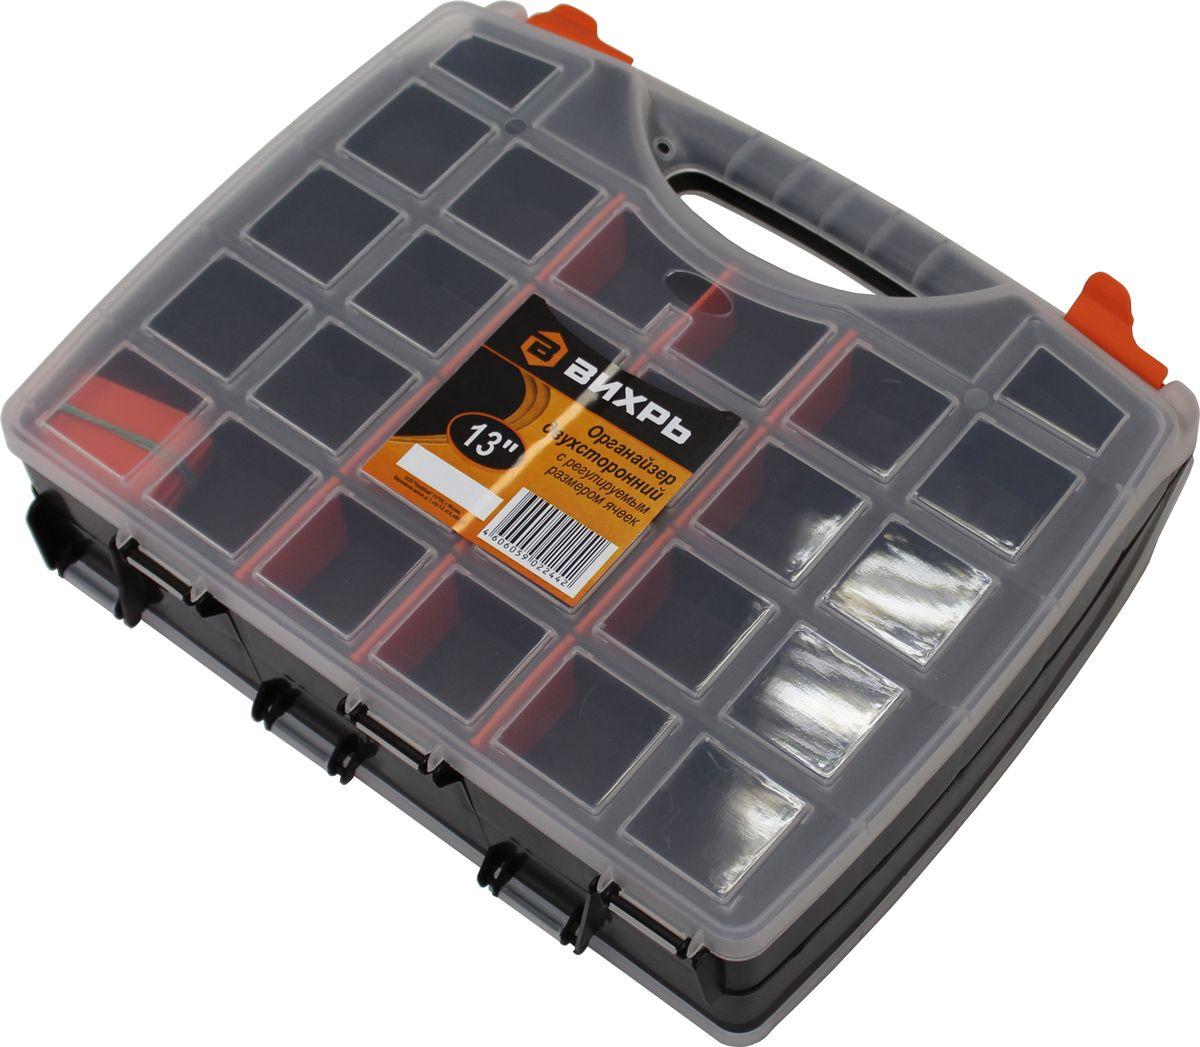 Органайзер двухсторонний Вихрь, с регулируемым размером ячеек, 33 см73/5/2/3Двухсторонний органайзер Вихрь выполнен из прочного морозостойкого пластика, который обеспечивает долговечность и отсутствие резкого запаха пластмассы. Две рабочие зоны с двух сторон позволяют разместить большее количество предметов в одном органайзере. Благодаря съемным модульным перегородкам можно регулировать внутреннее пространство под конкретные предметы. Прочные защелки плотно закрывают крышку.Длина органайзера: 33 см (13).